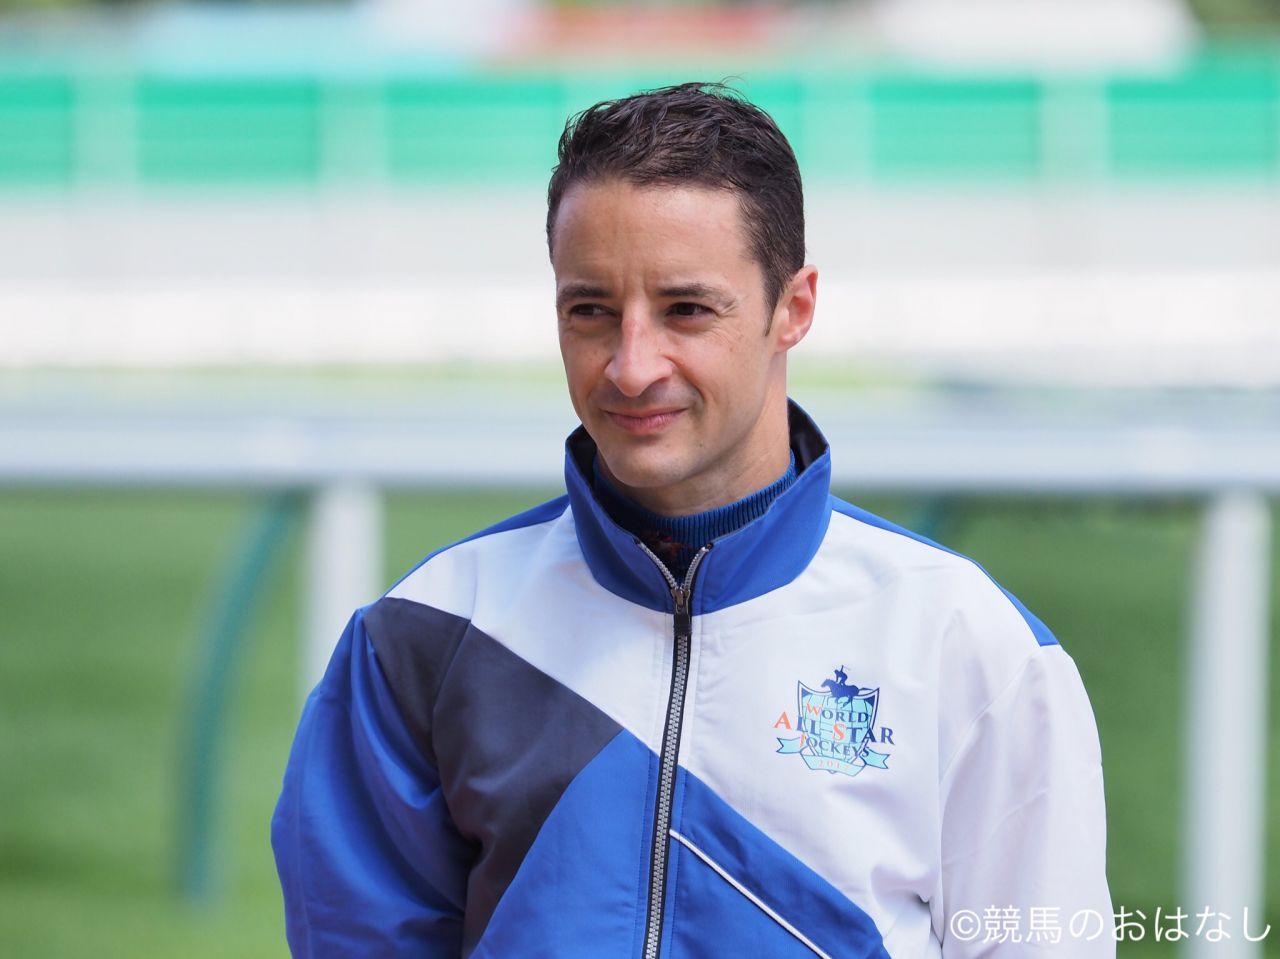 【中山4R】ルメール 武豊騎手の212勝に並んで最多勝記録にリーチ!